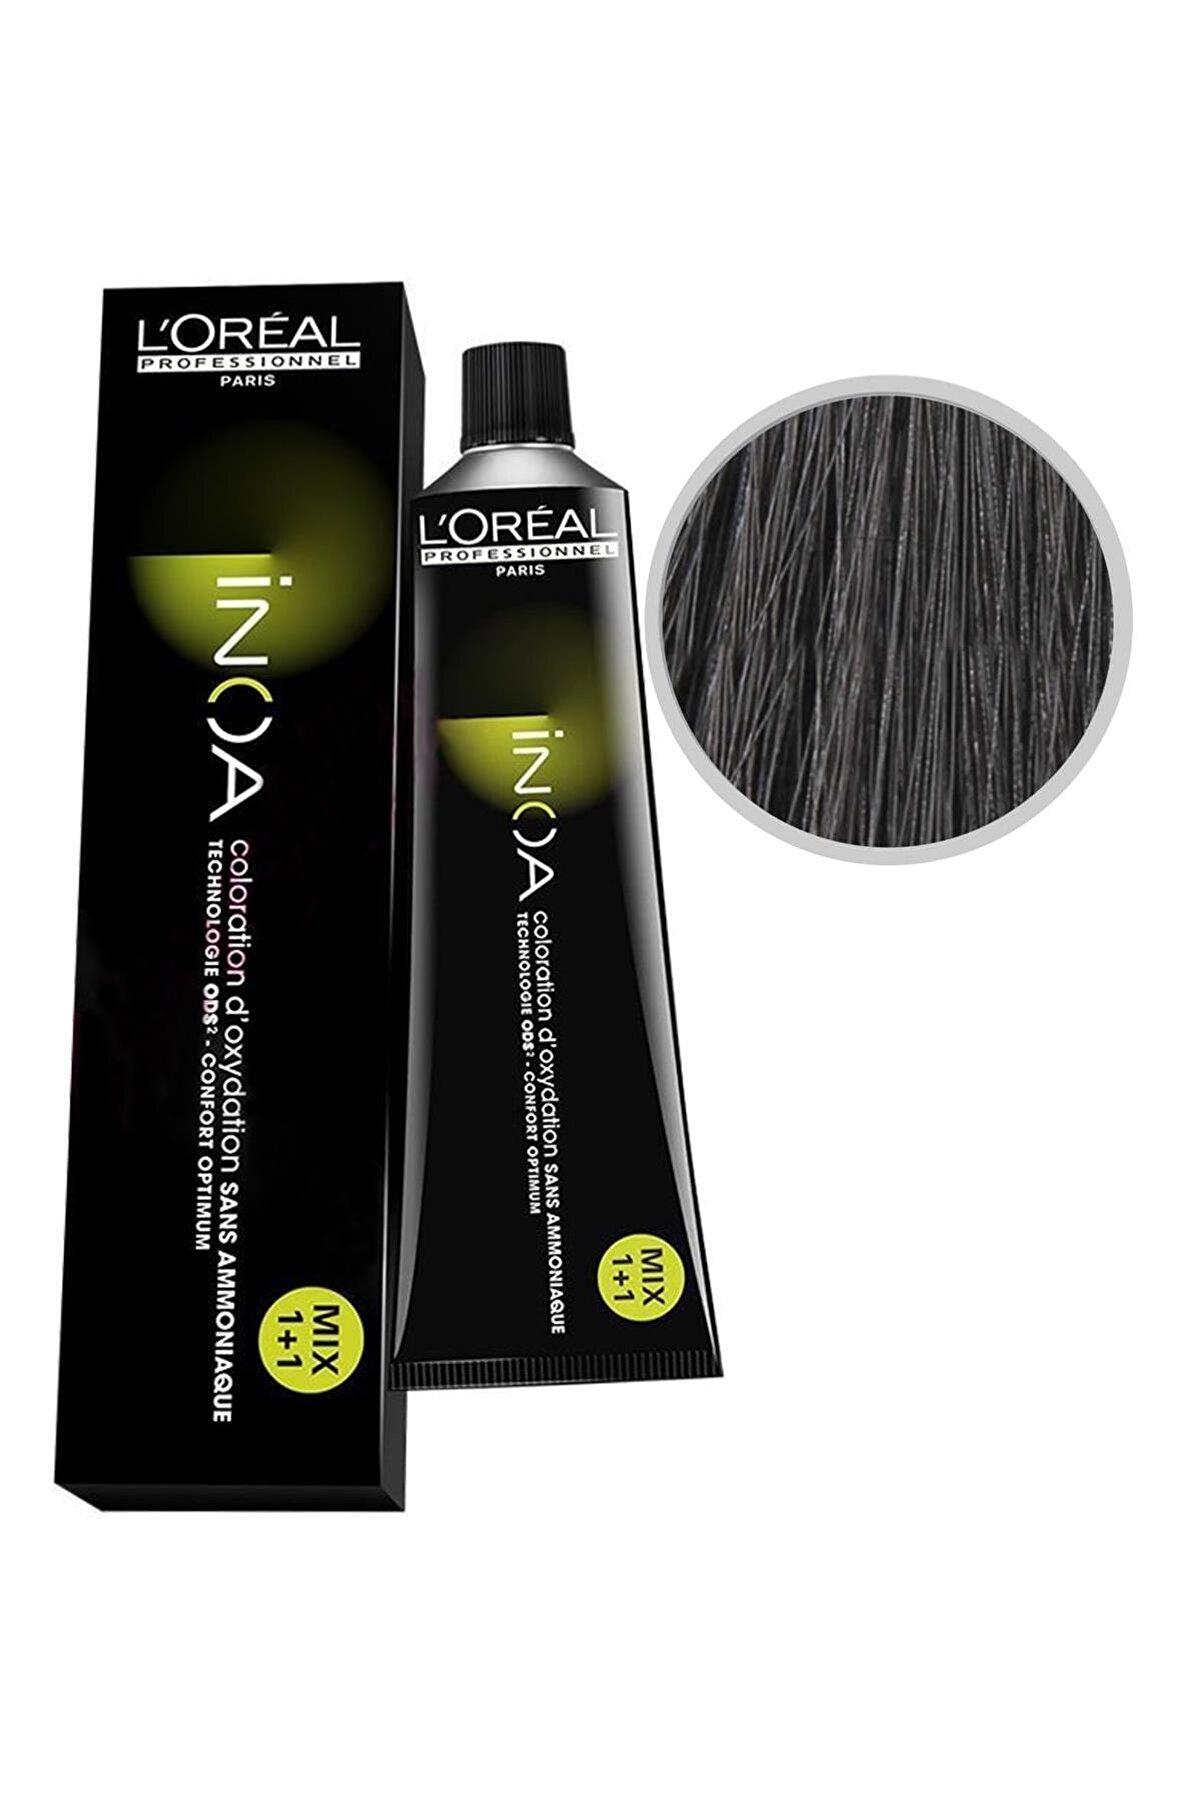 L'oreal Professionnel Saç Boyası 3 Koyu Kestane 3474630412644 (Oksidansız)